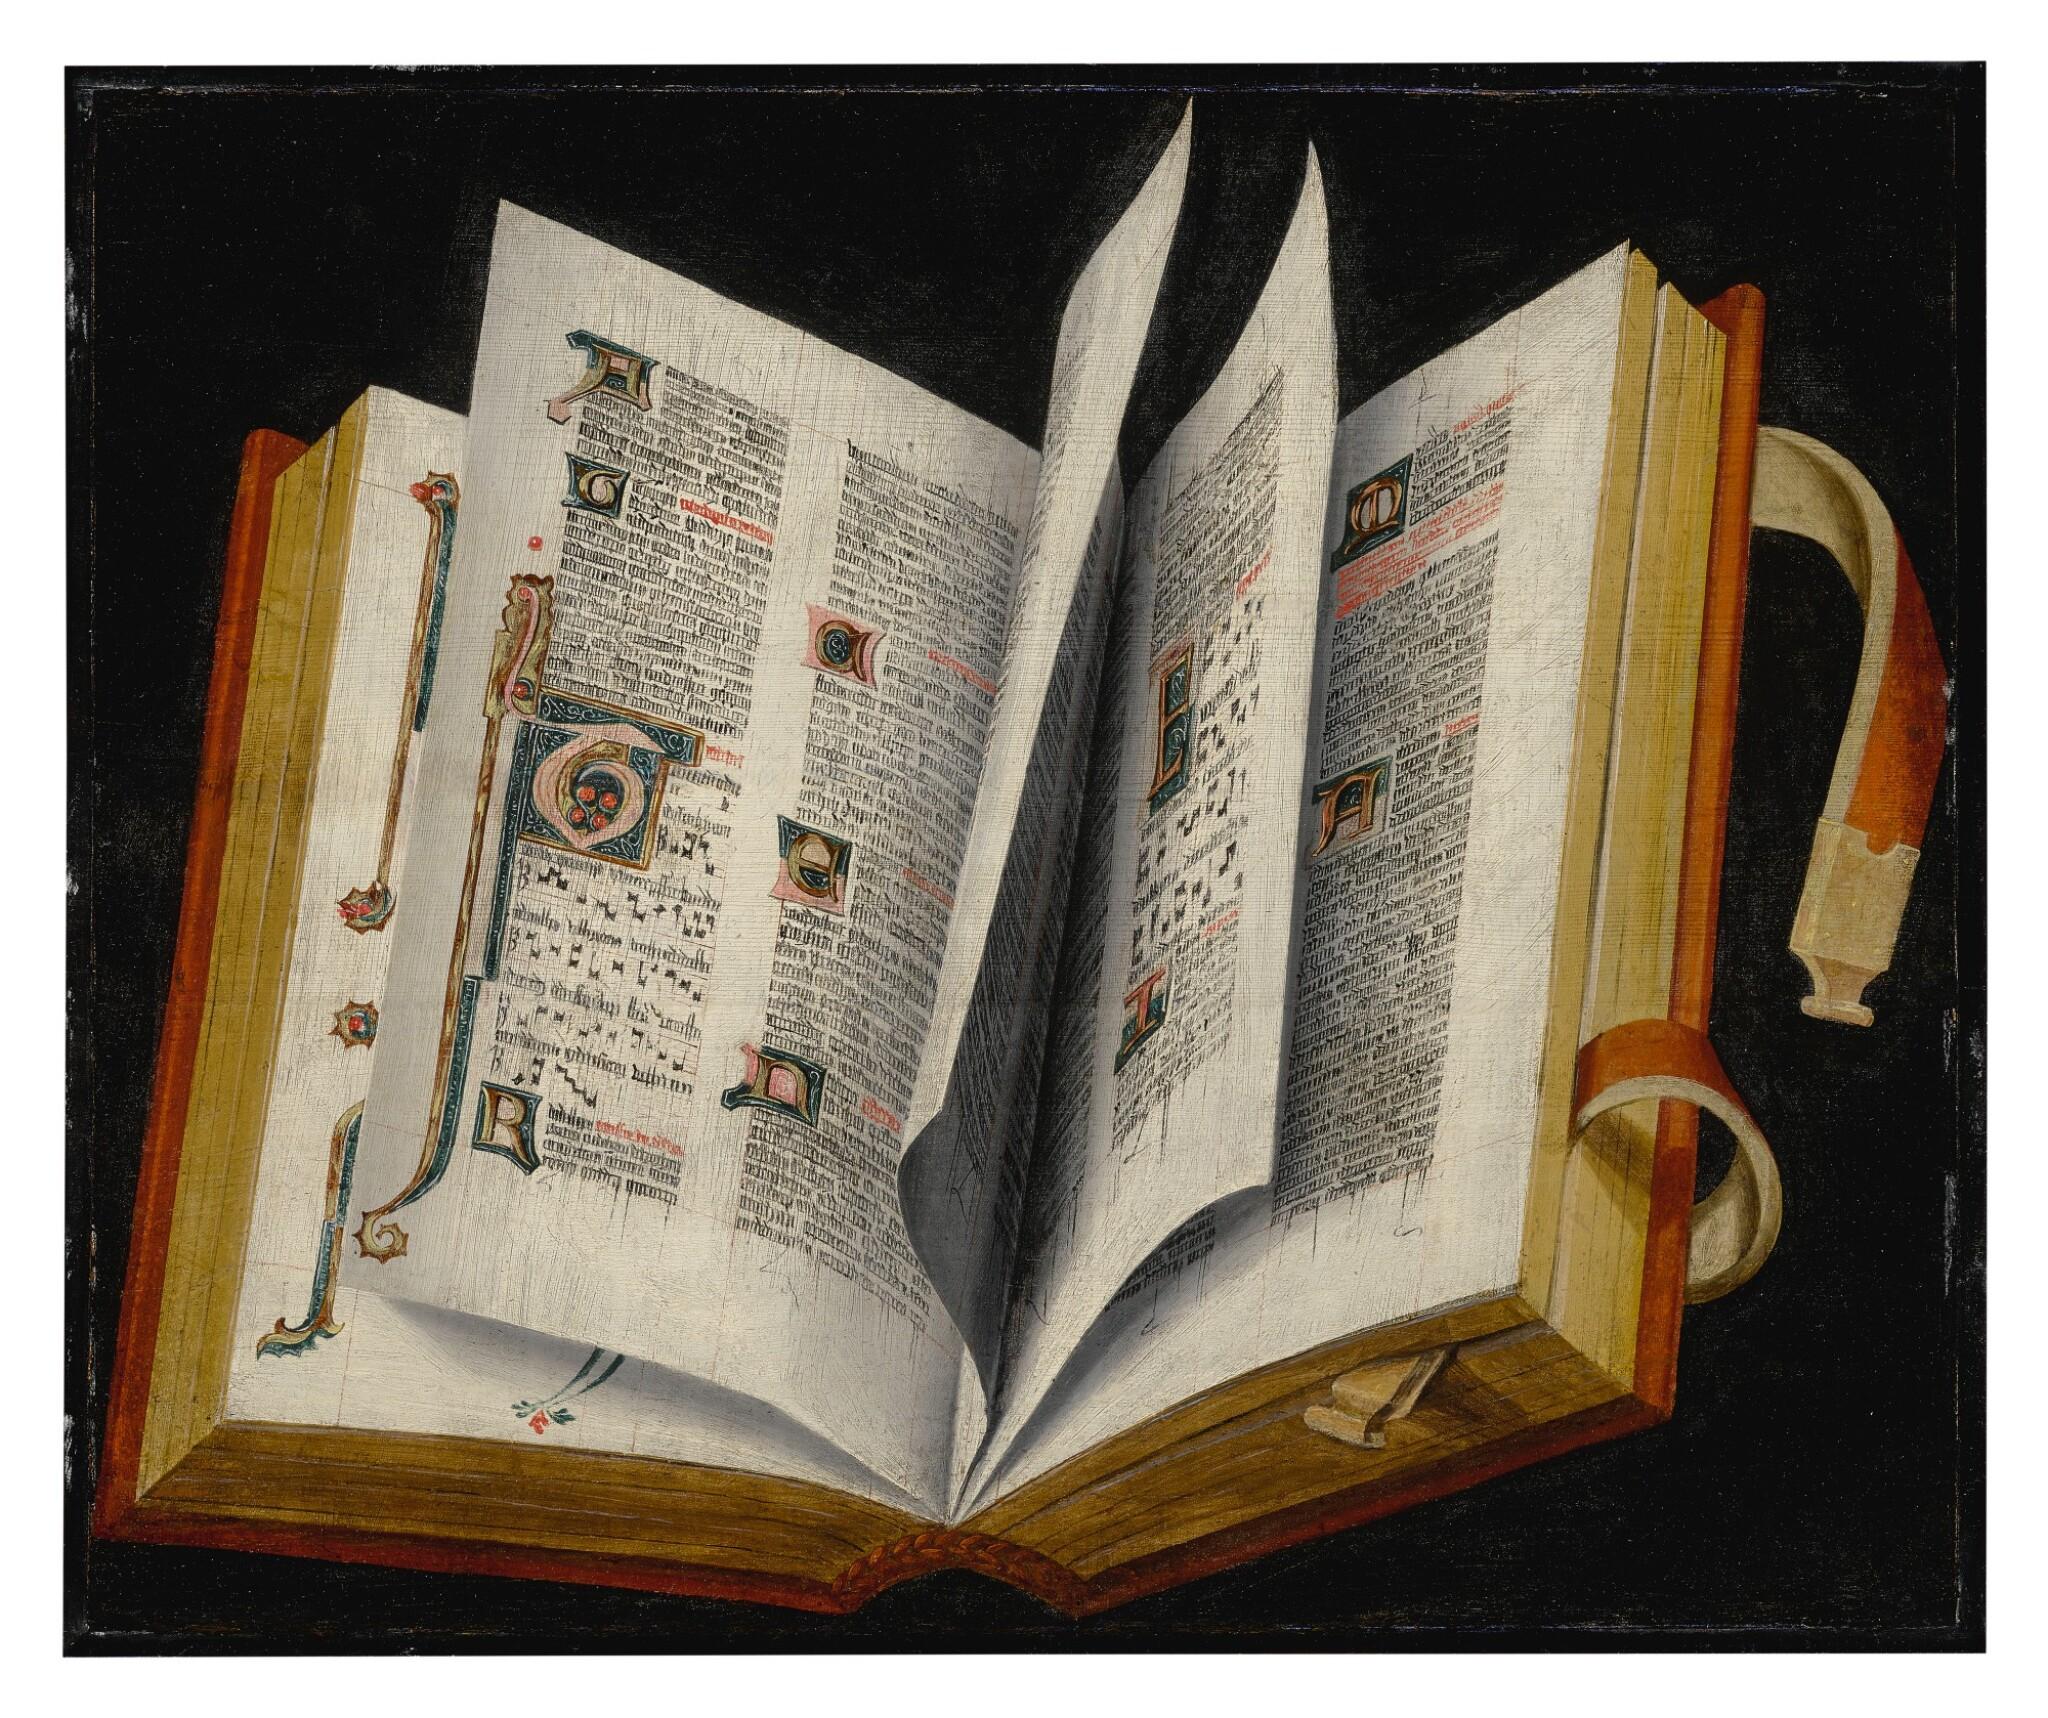 Still life of an illuminated manuscript